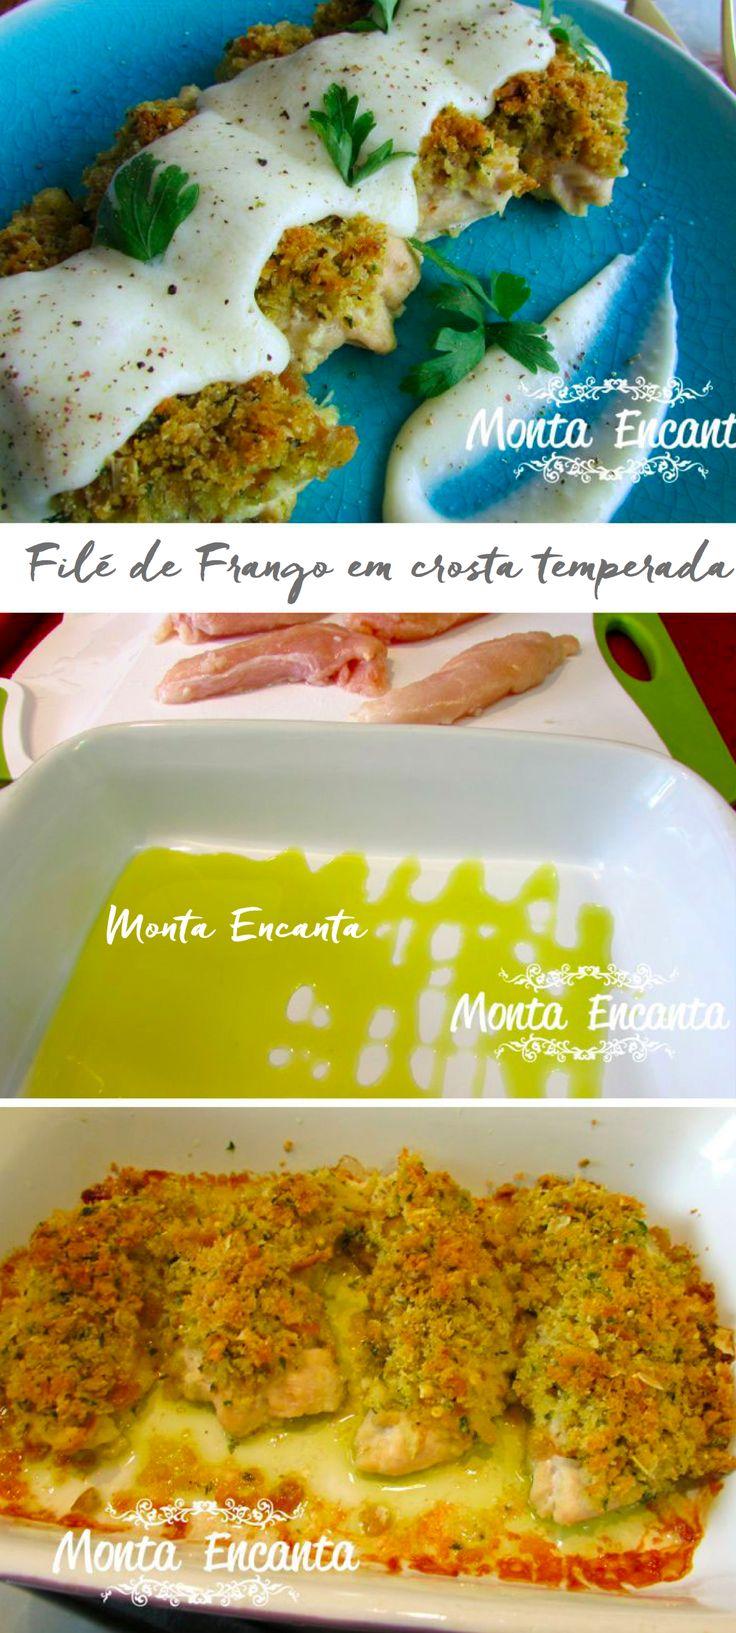 Filé de Frango ao Molho Limone em crosta temperada, assado ao forno e pronto em 30min!